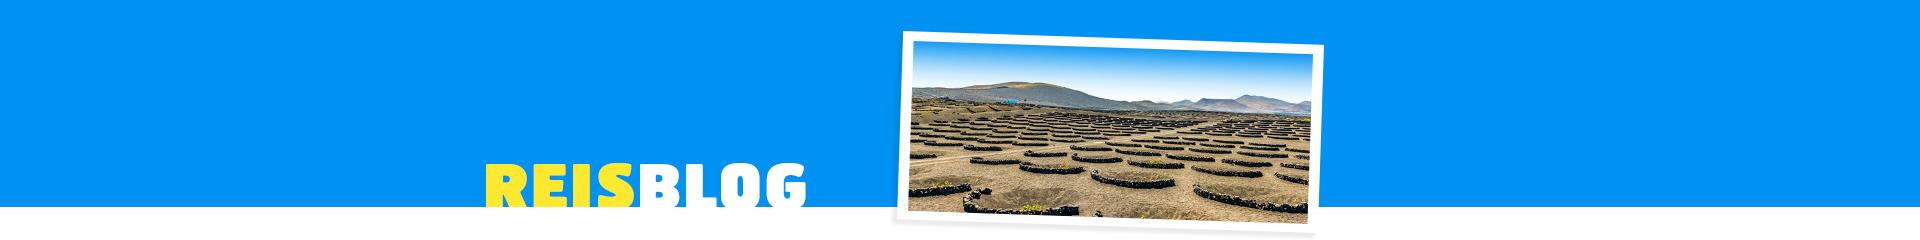 Natuur op het Canarische eiland Lanzarote in Spanje